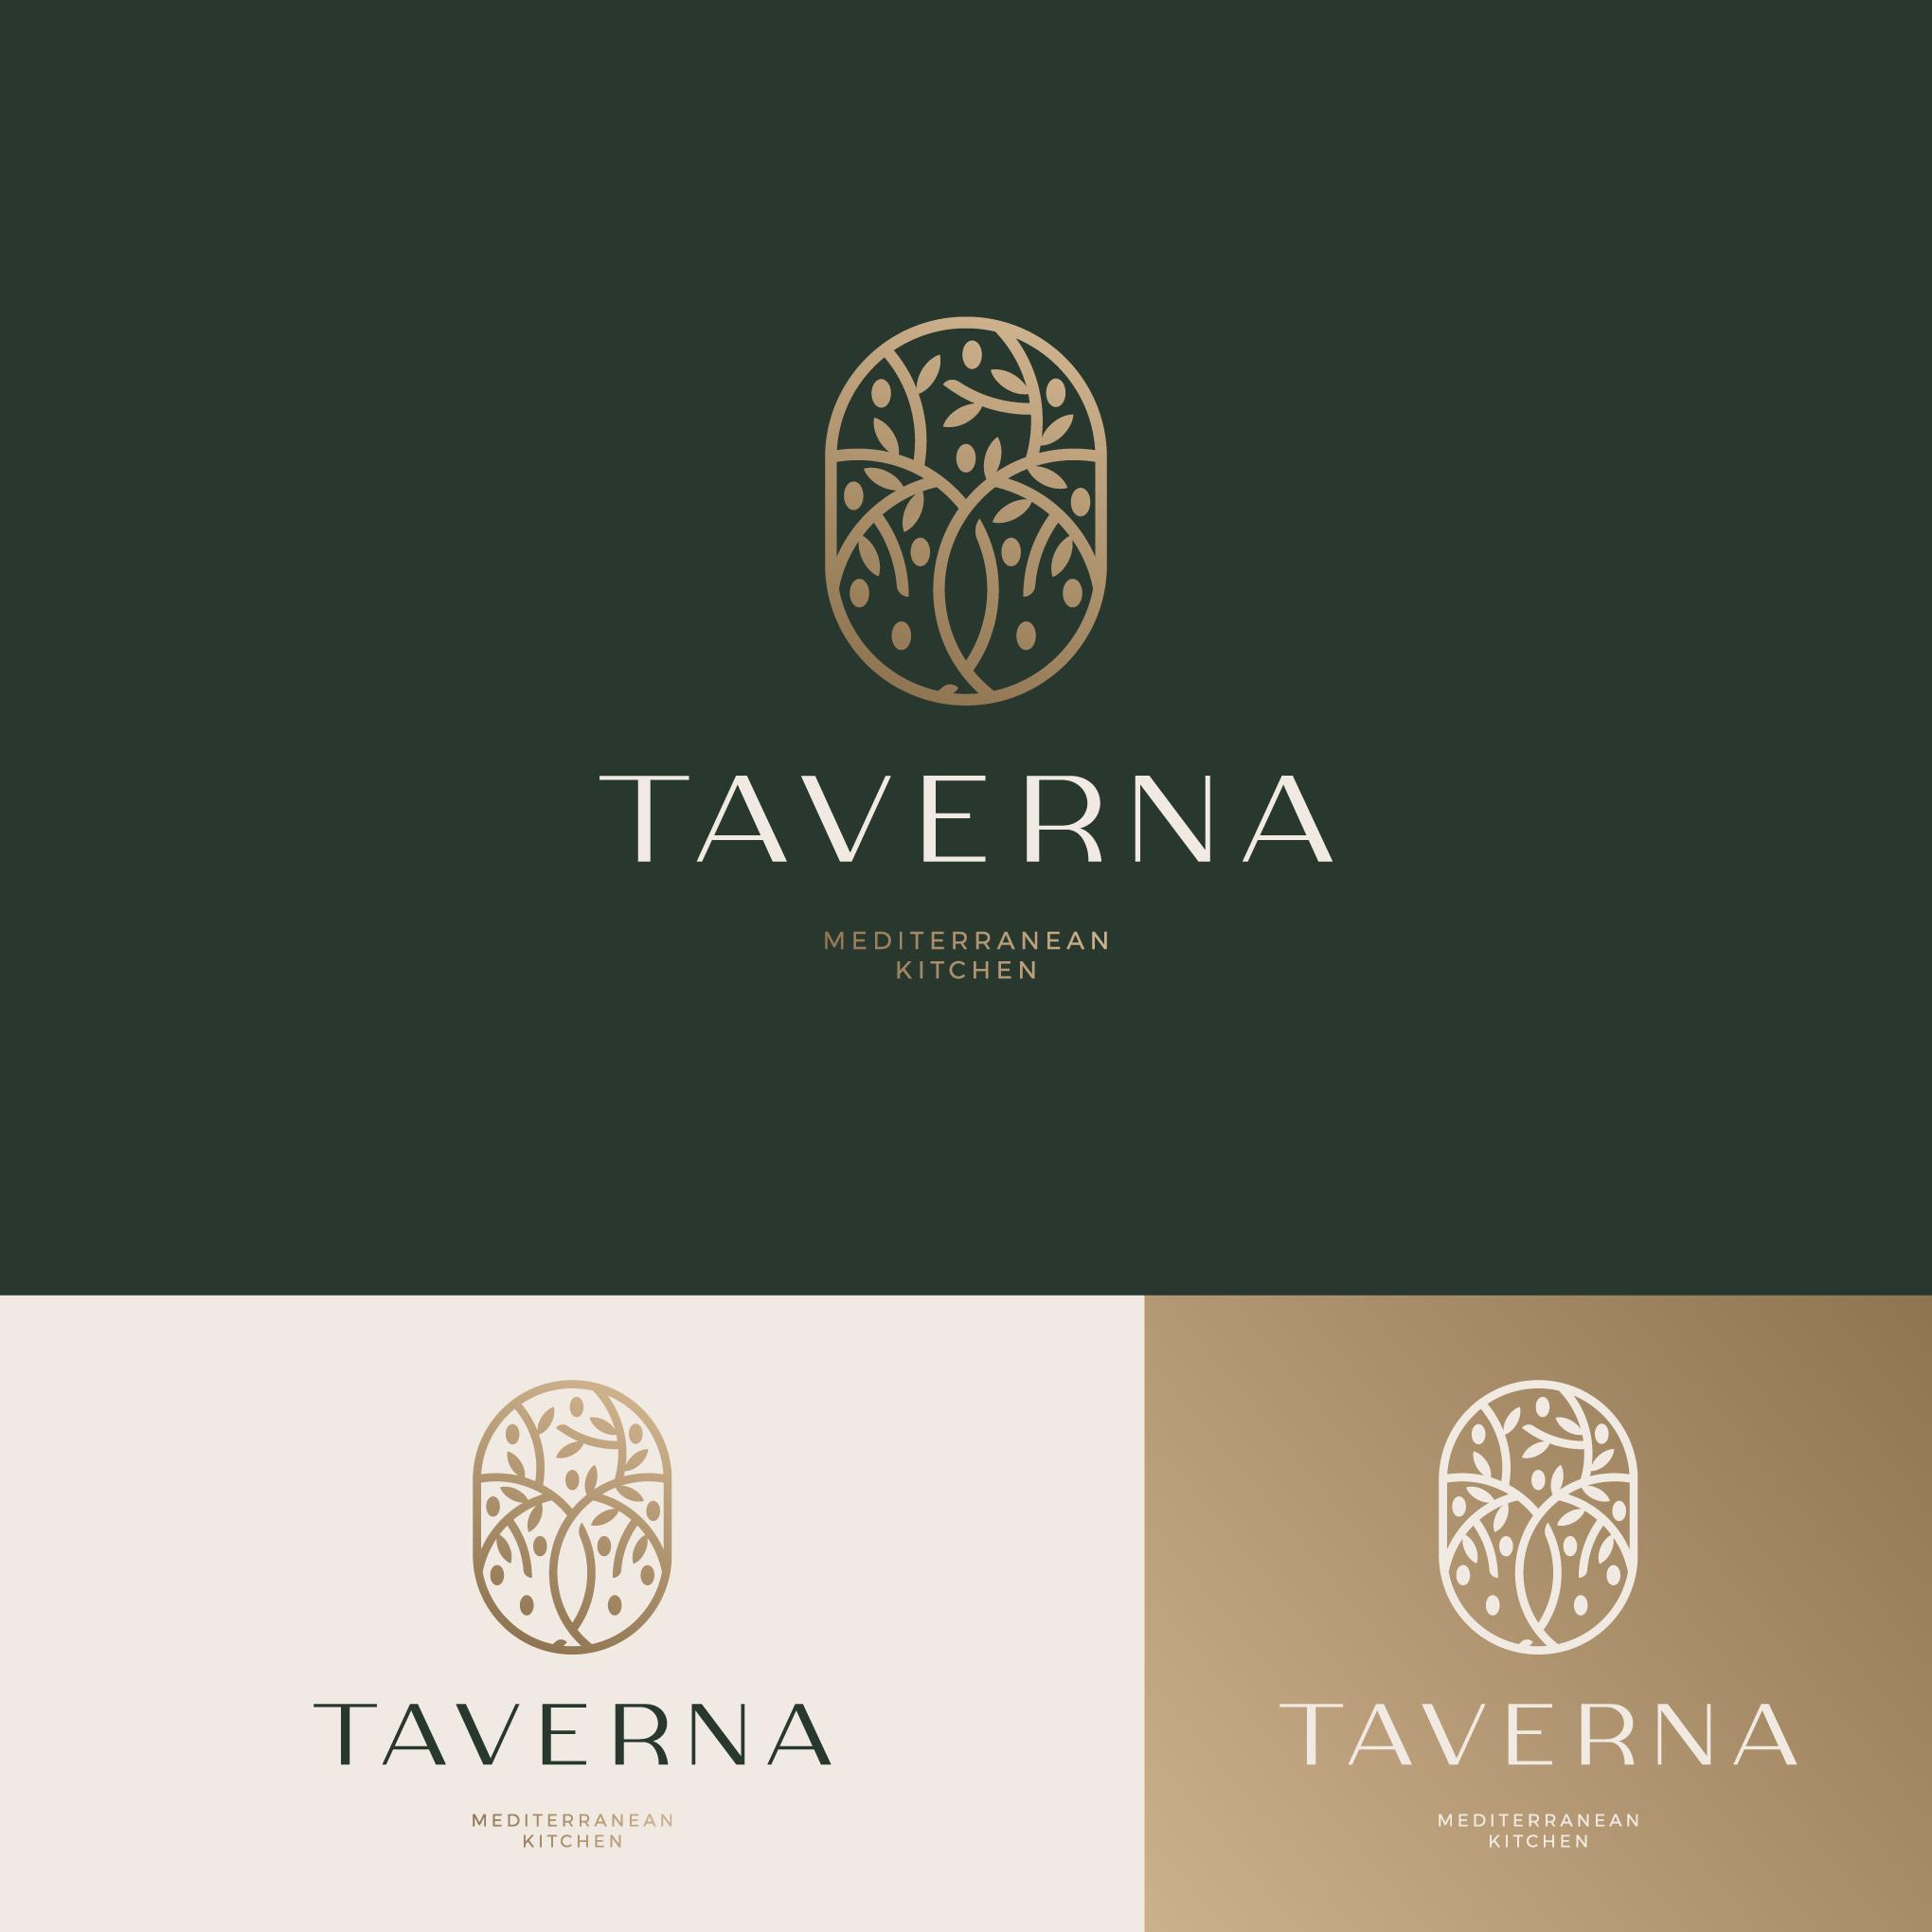 TAVERNA-LOGO-DESIGN2